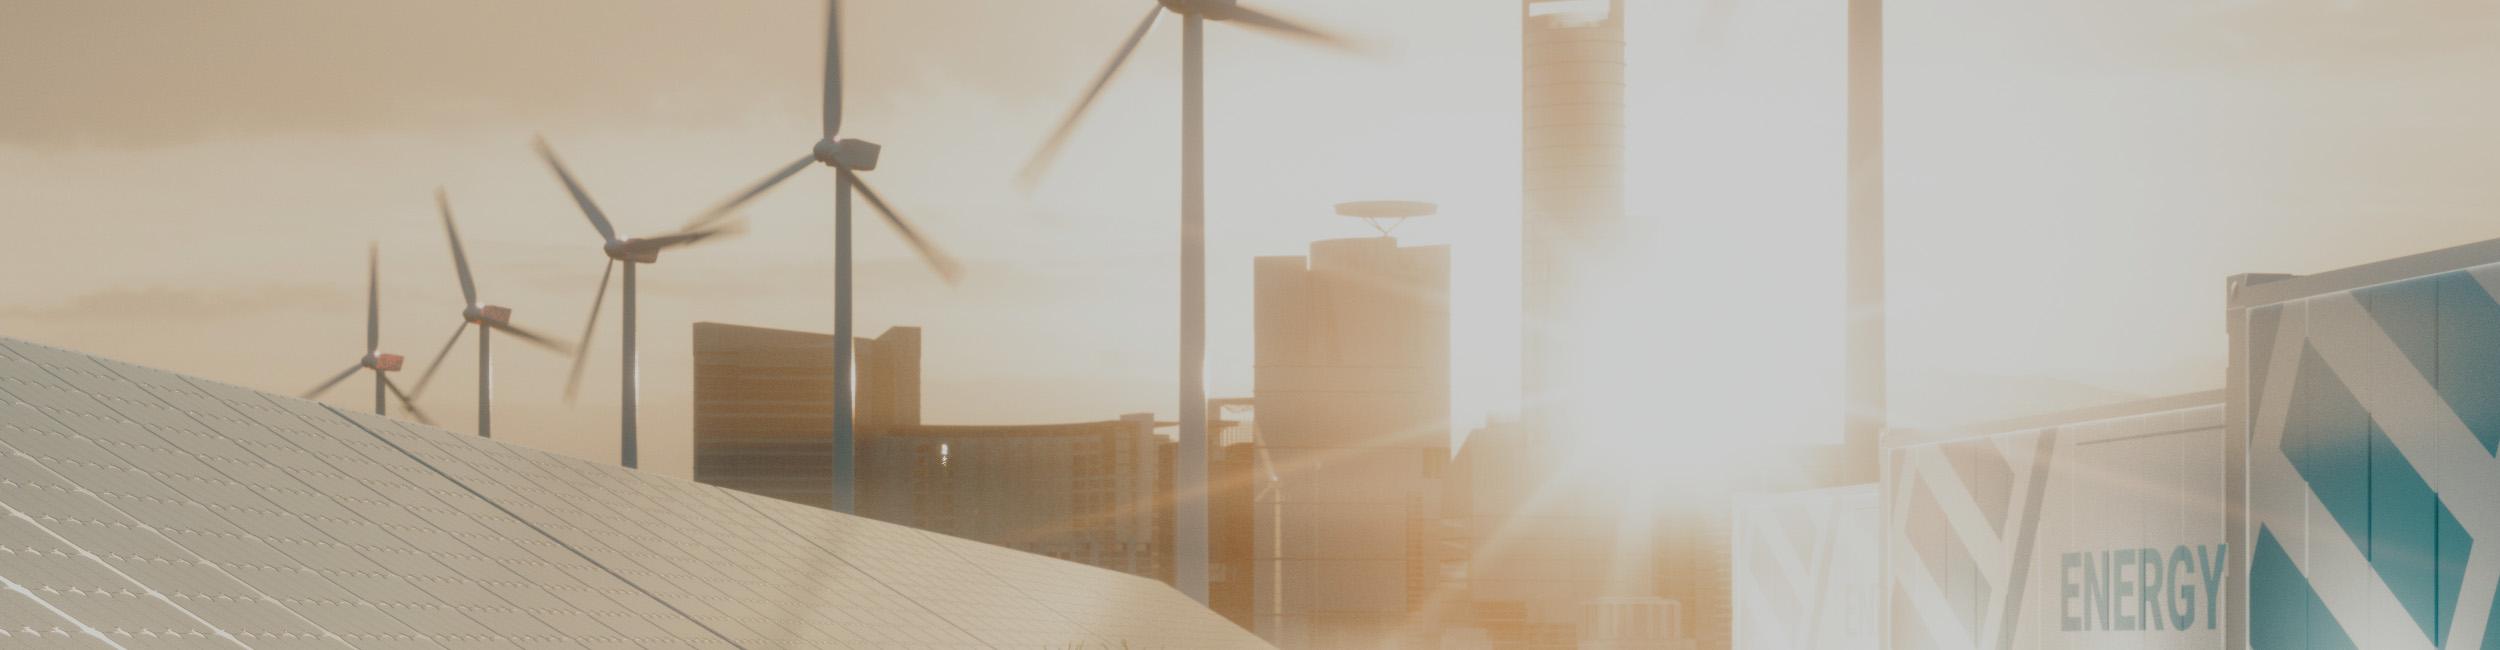 Systèmes Energétiques – Villes et Territoires Durables